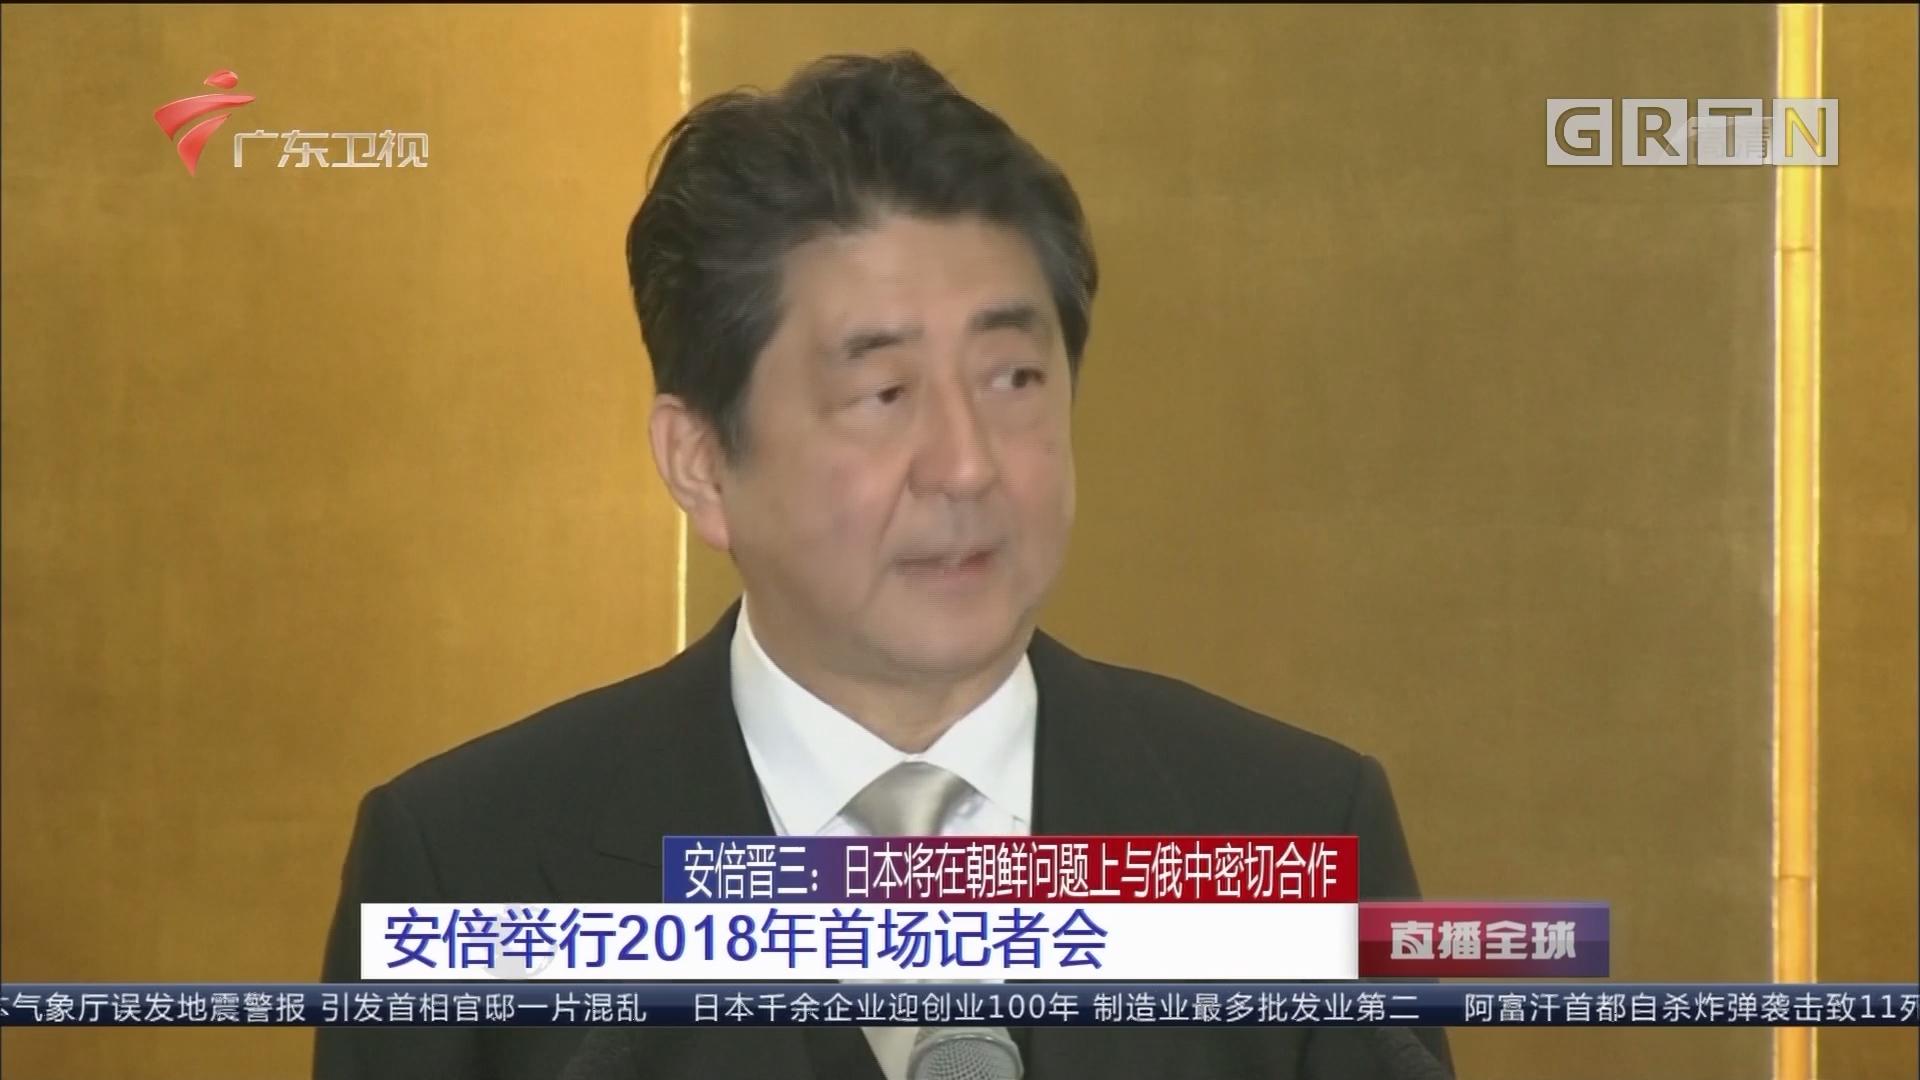 安倍晋三:日本将在朝鲜问题上与俄中密切合作 安倍举行2018年首场记者会